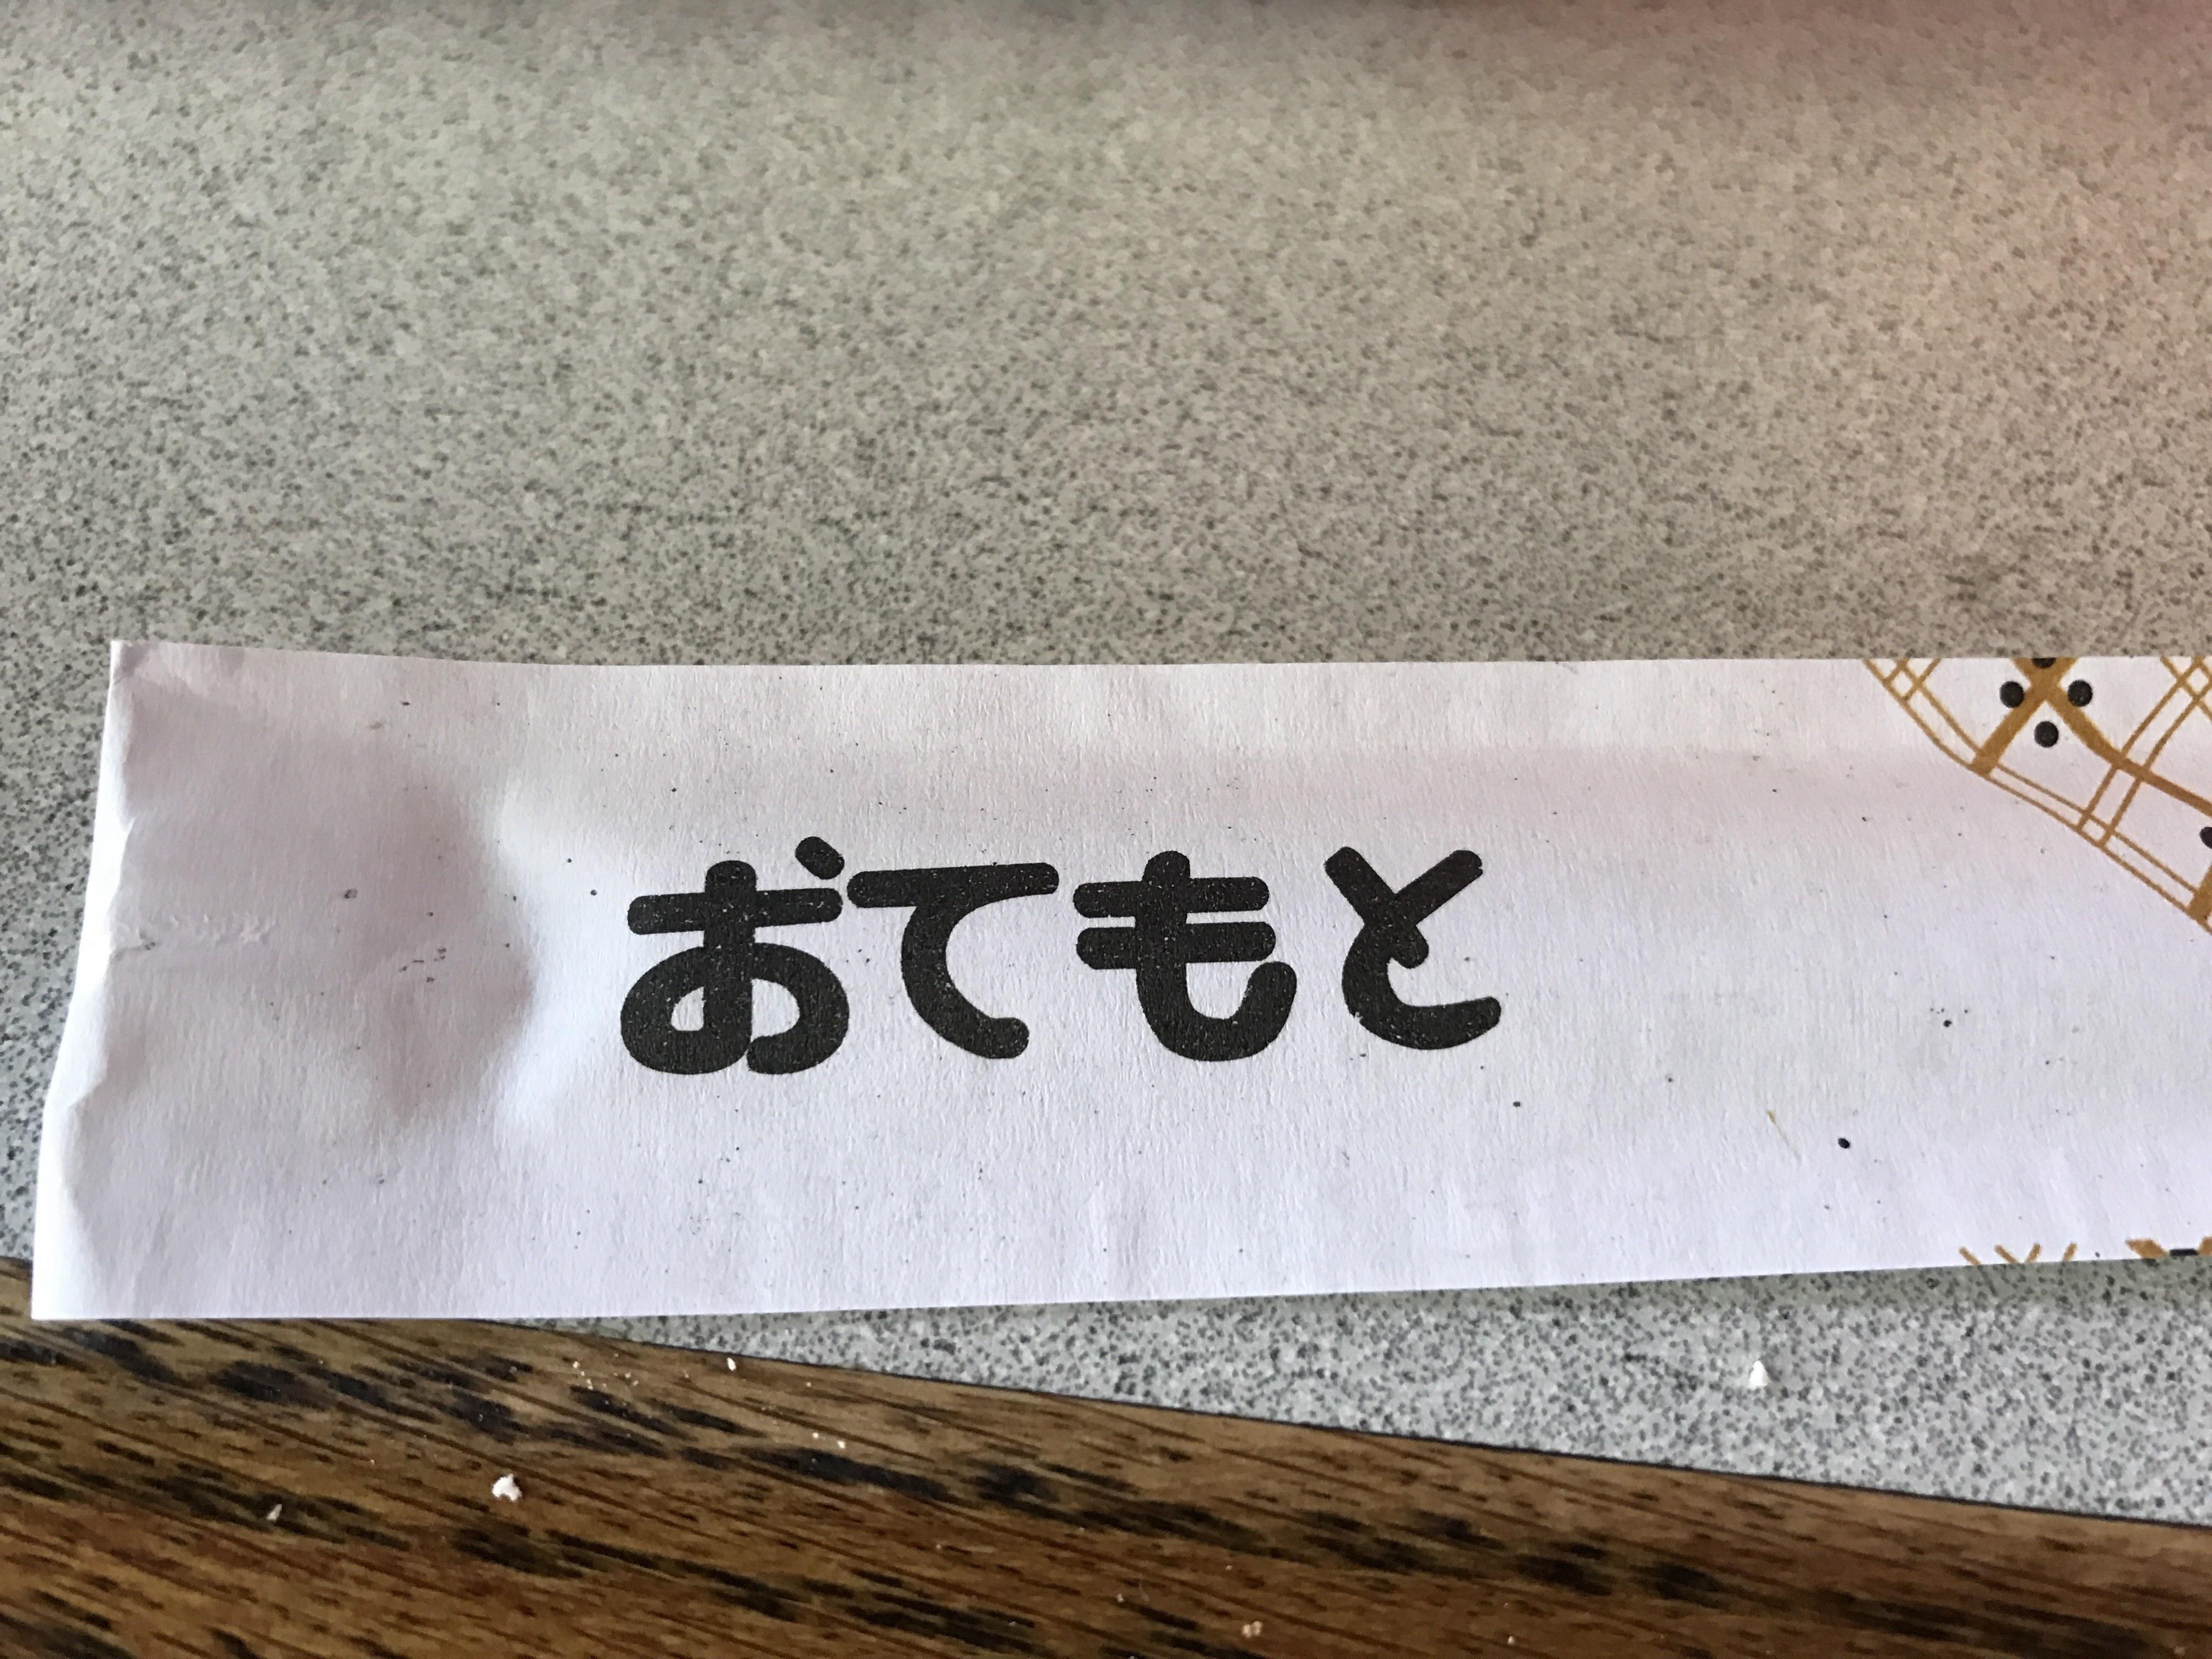 ハンバーガー屋には何故か割り箸がある